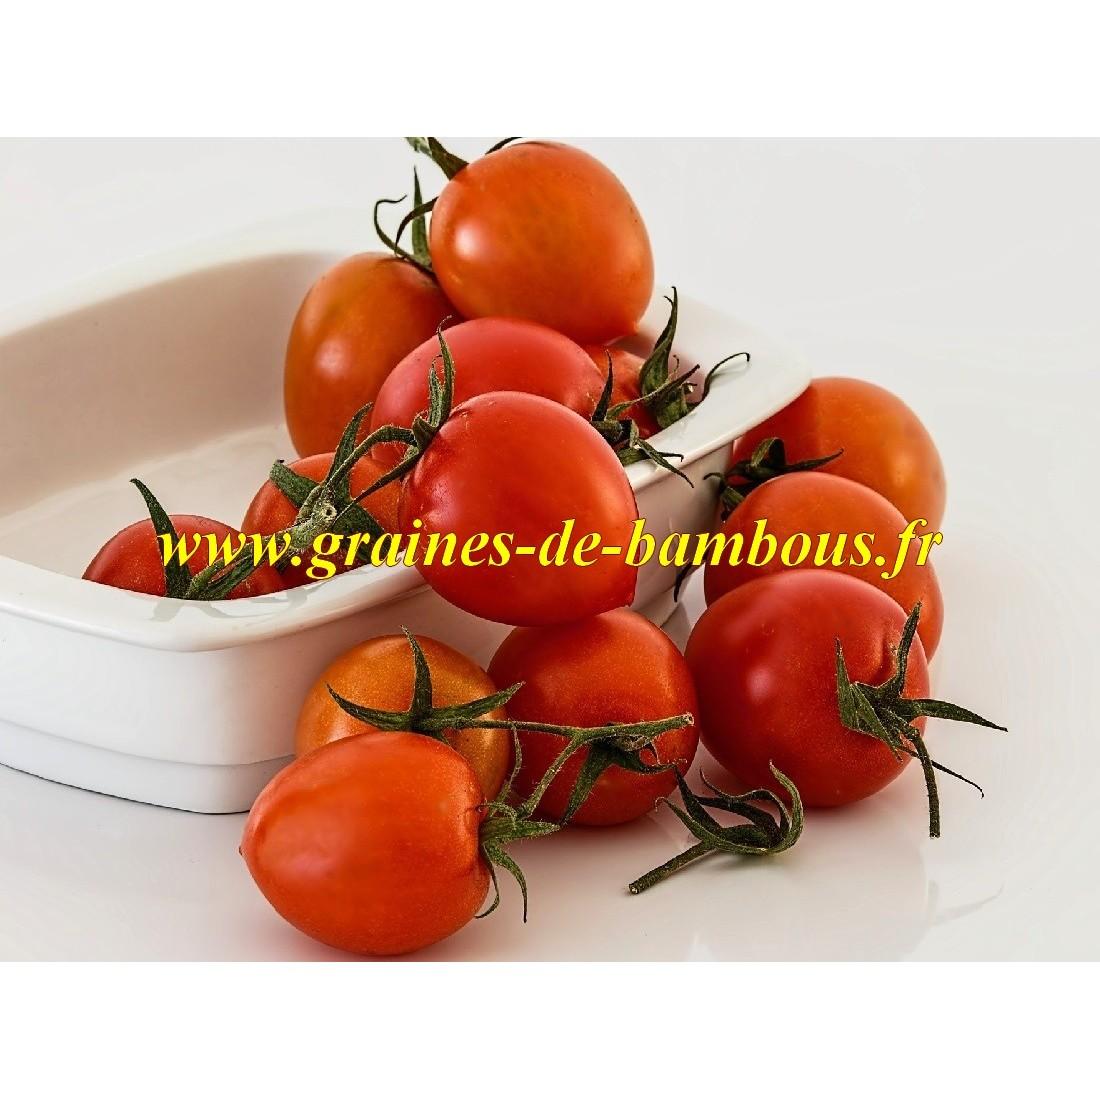 Principe borghese graines tomate